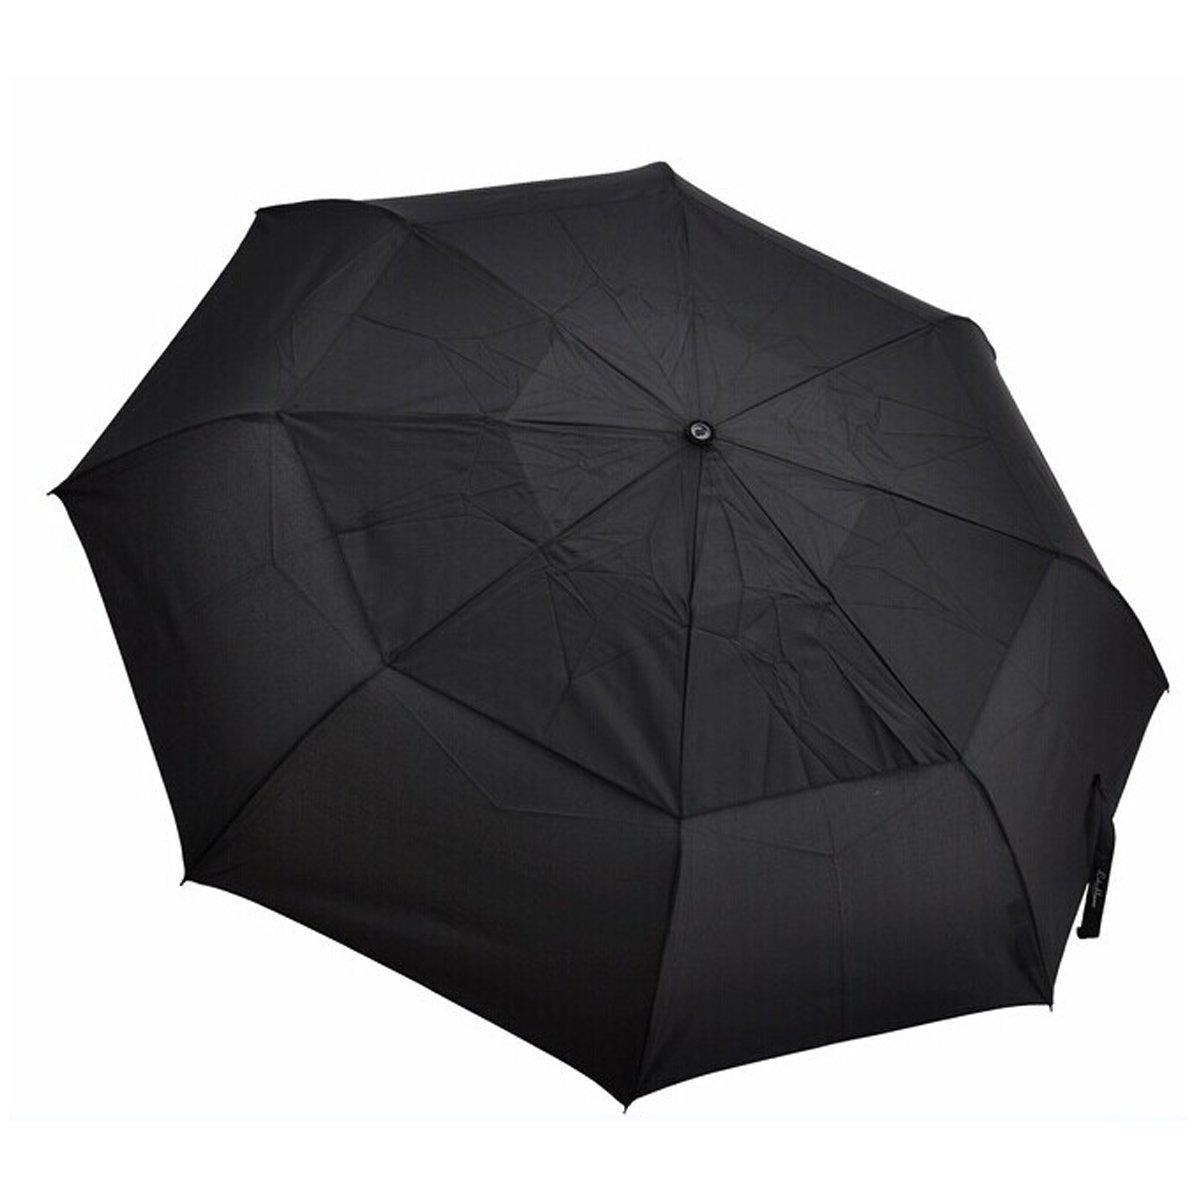 メンズクラシックブラック自動折りたたみLarge Travel Umbrella with double-canopy   B0177F1XJW